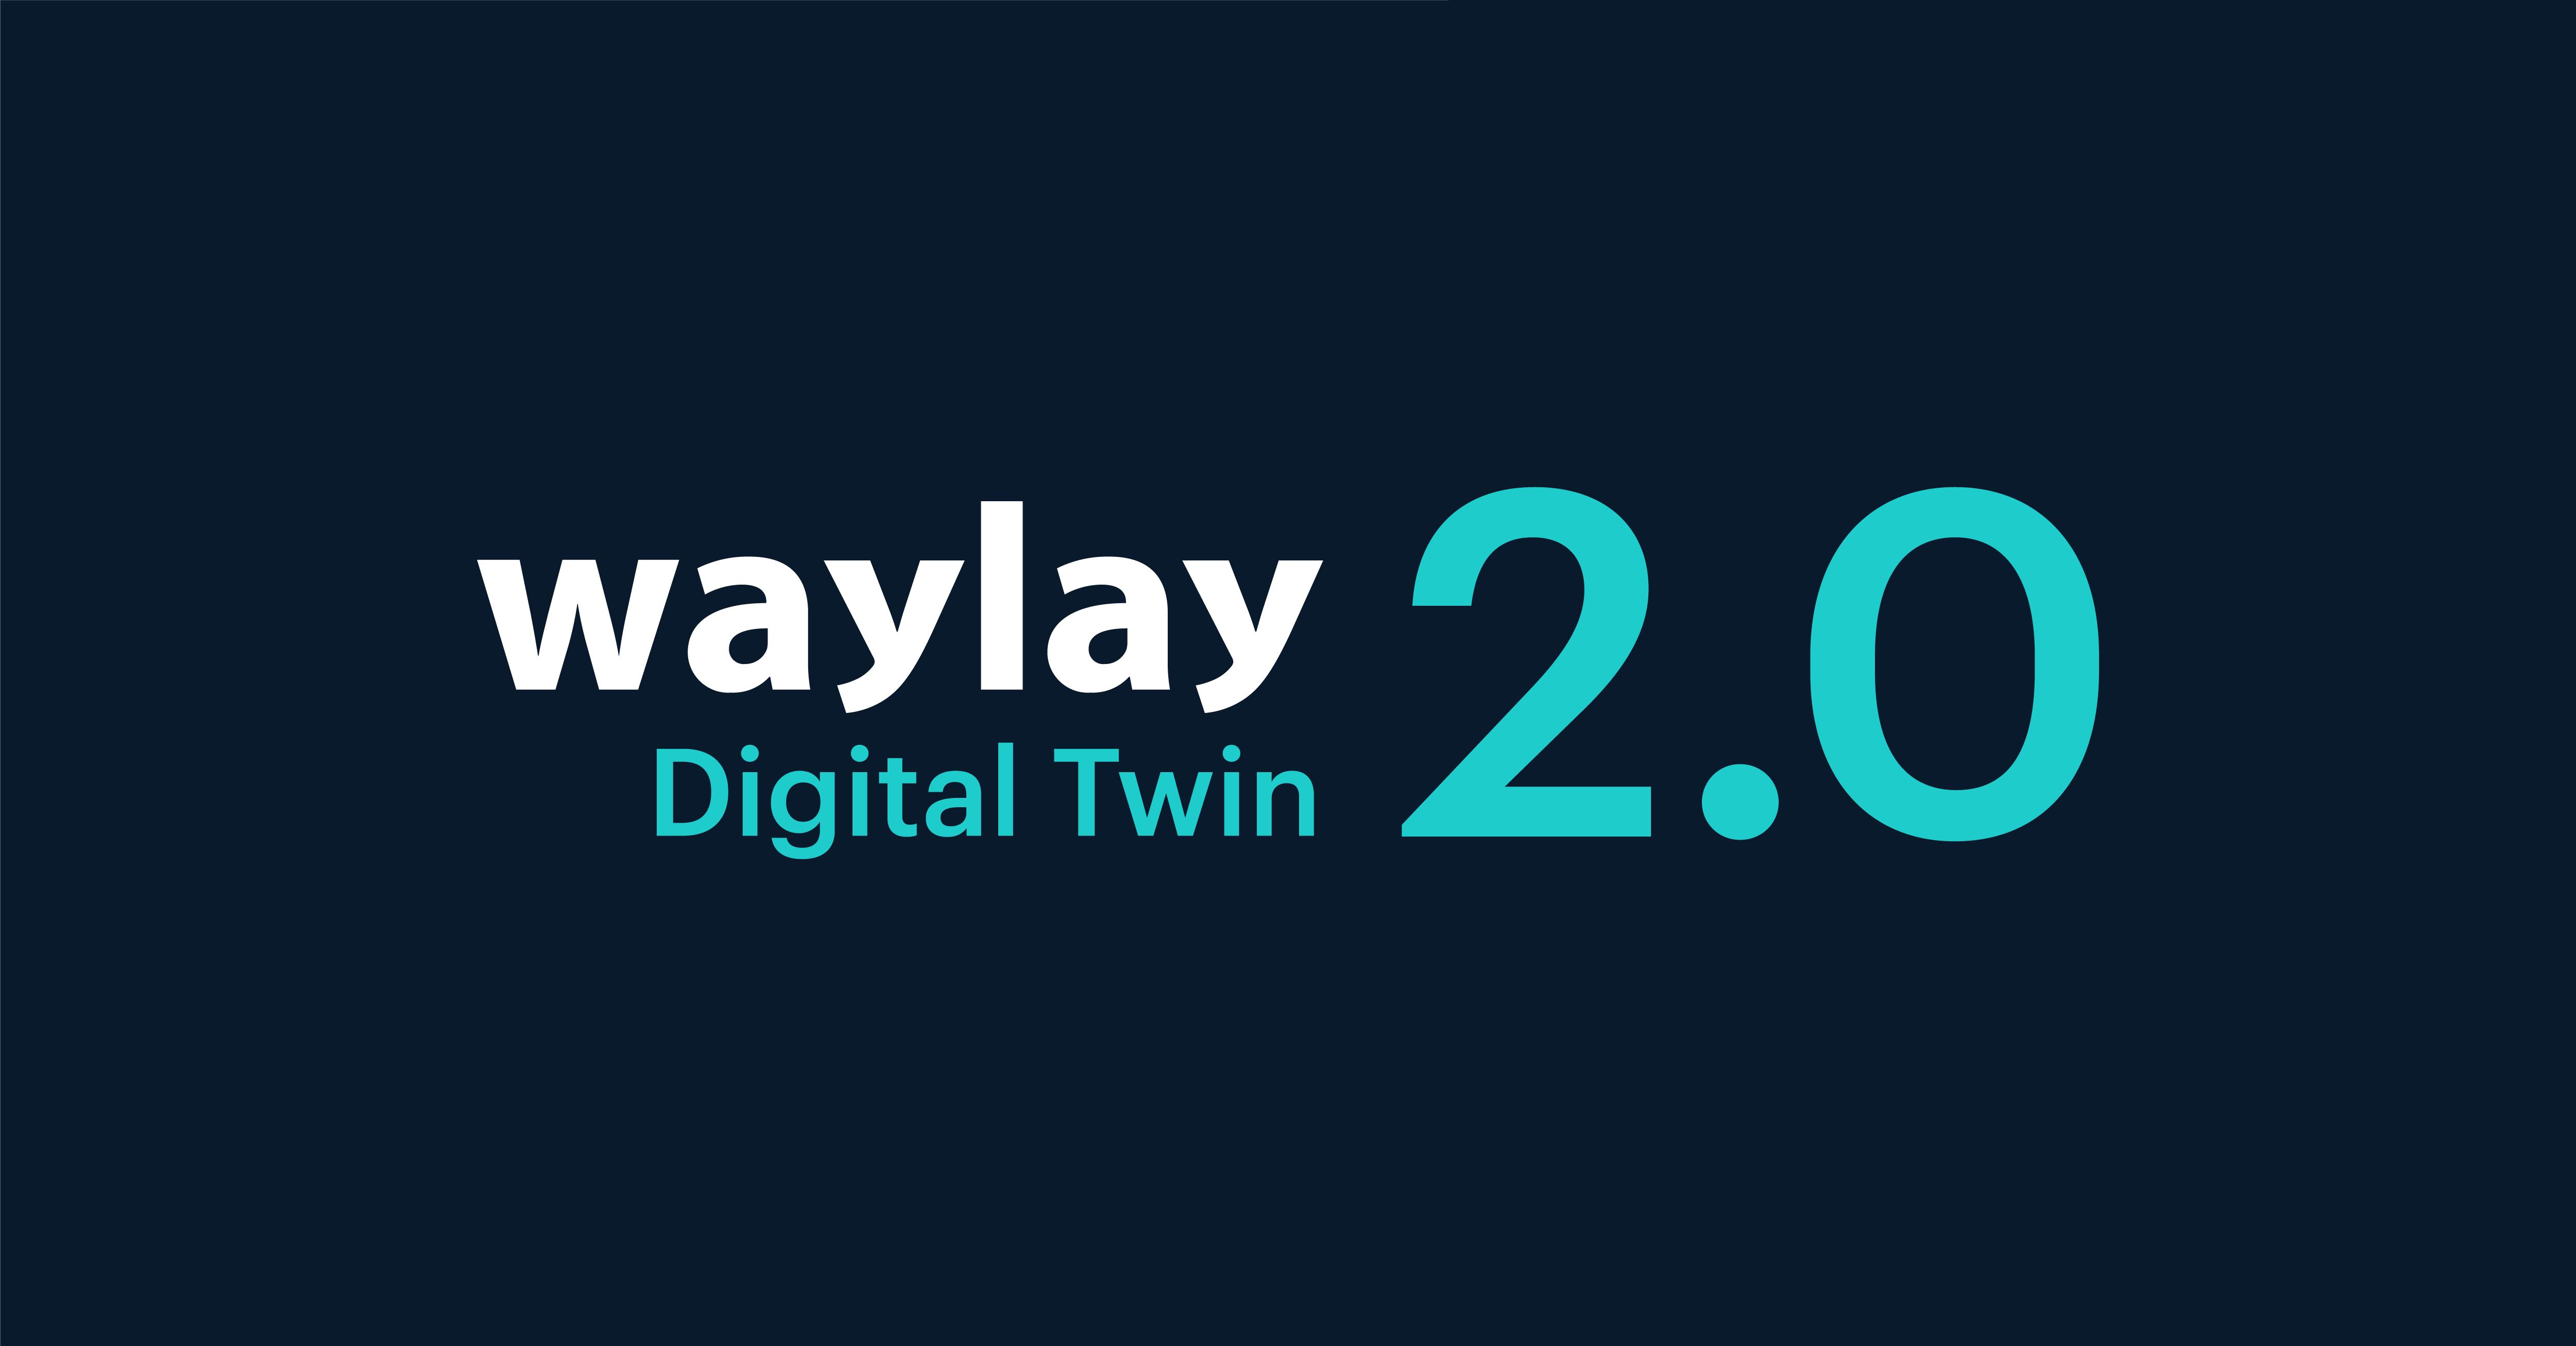 Waylay Digital Twin 2.0